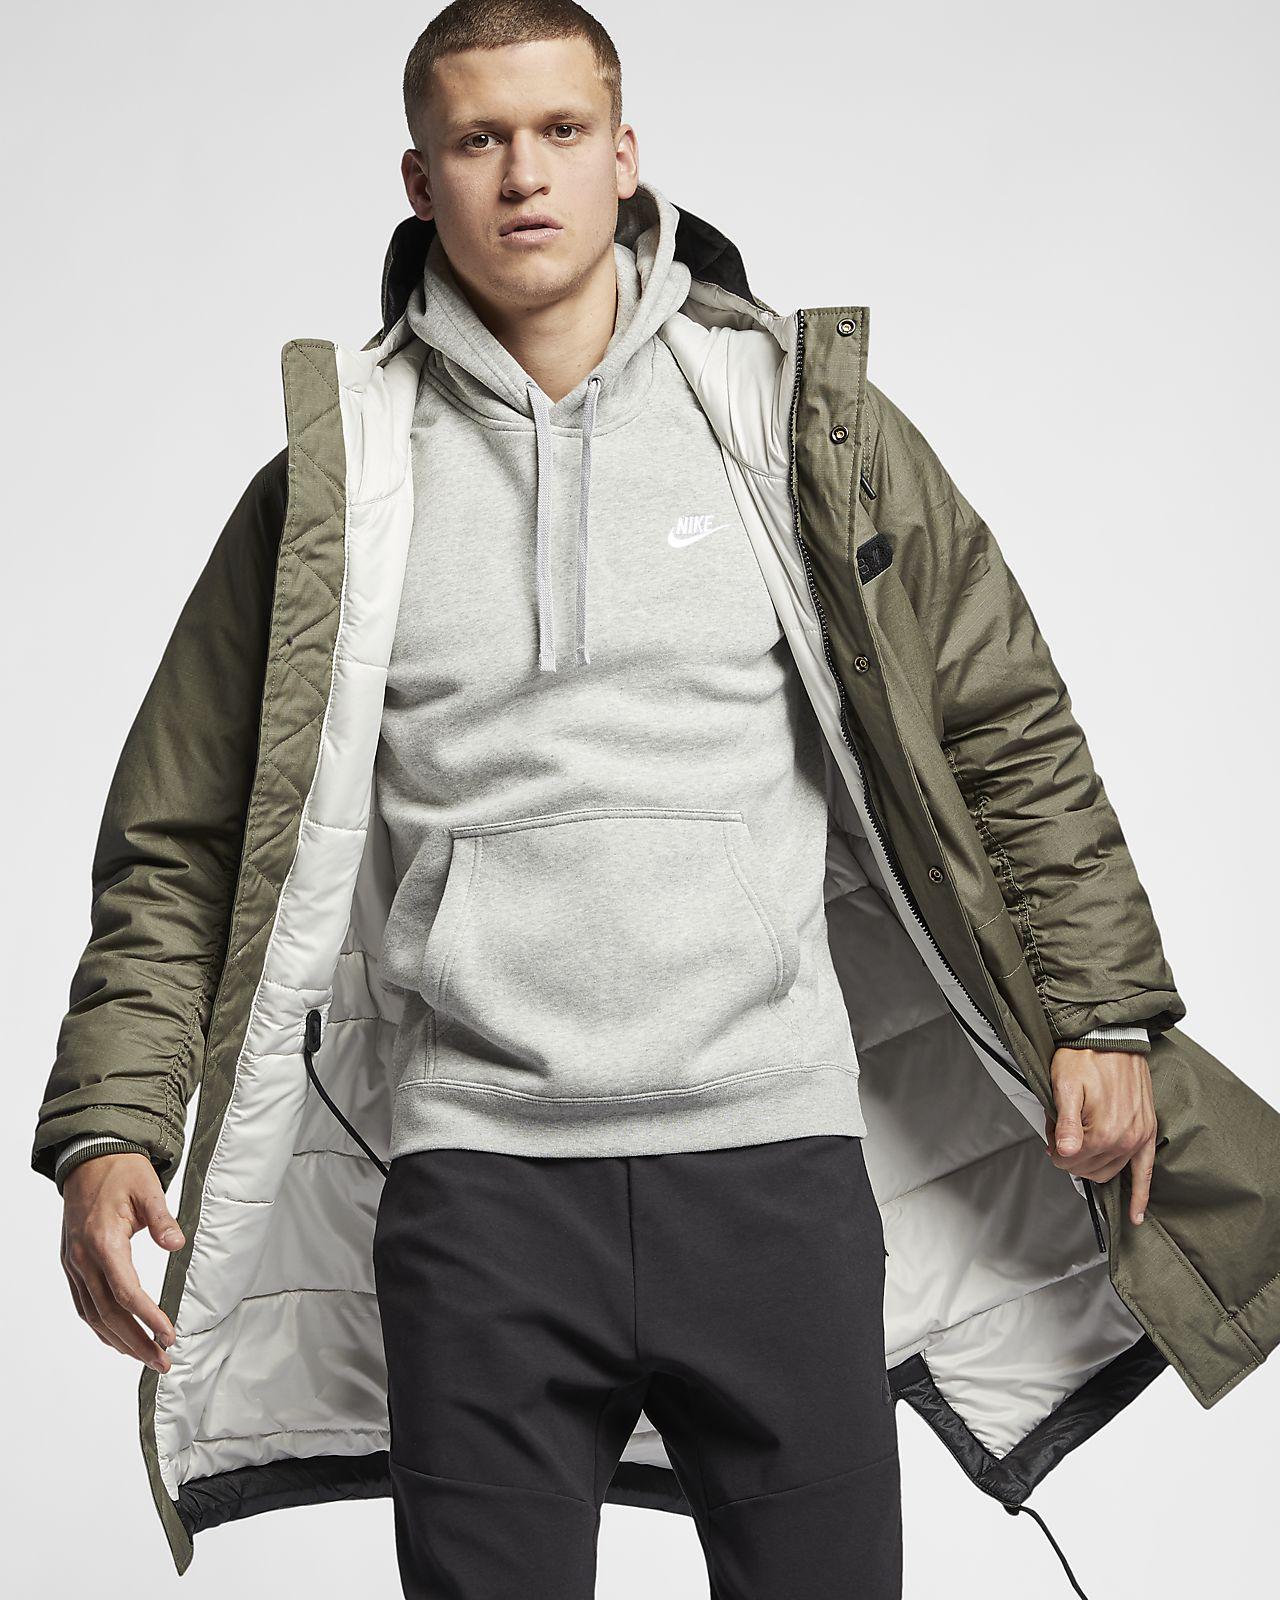 Adidas Originals Veste Beckenbauer Homme Vert, Vert from Jd Sports on 21 Buttons